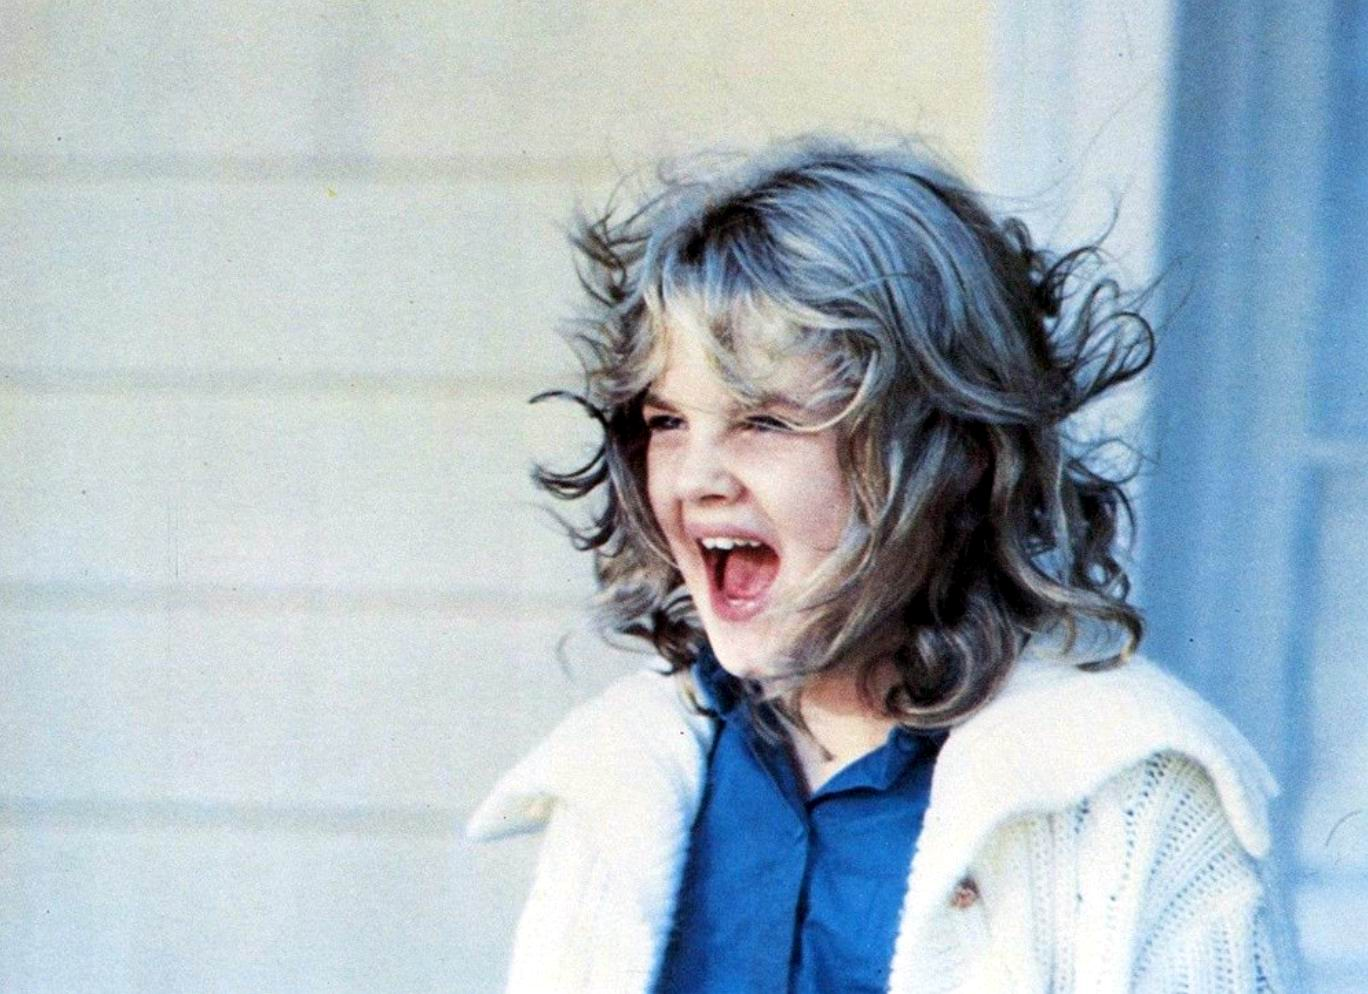 Воспламеняющая взглядом / Firestarter (1984): кадр из фильма